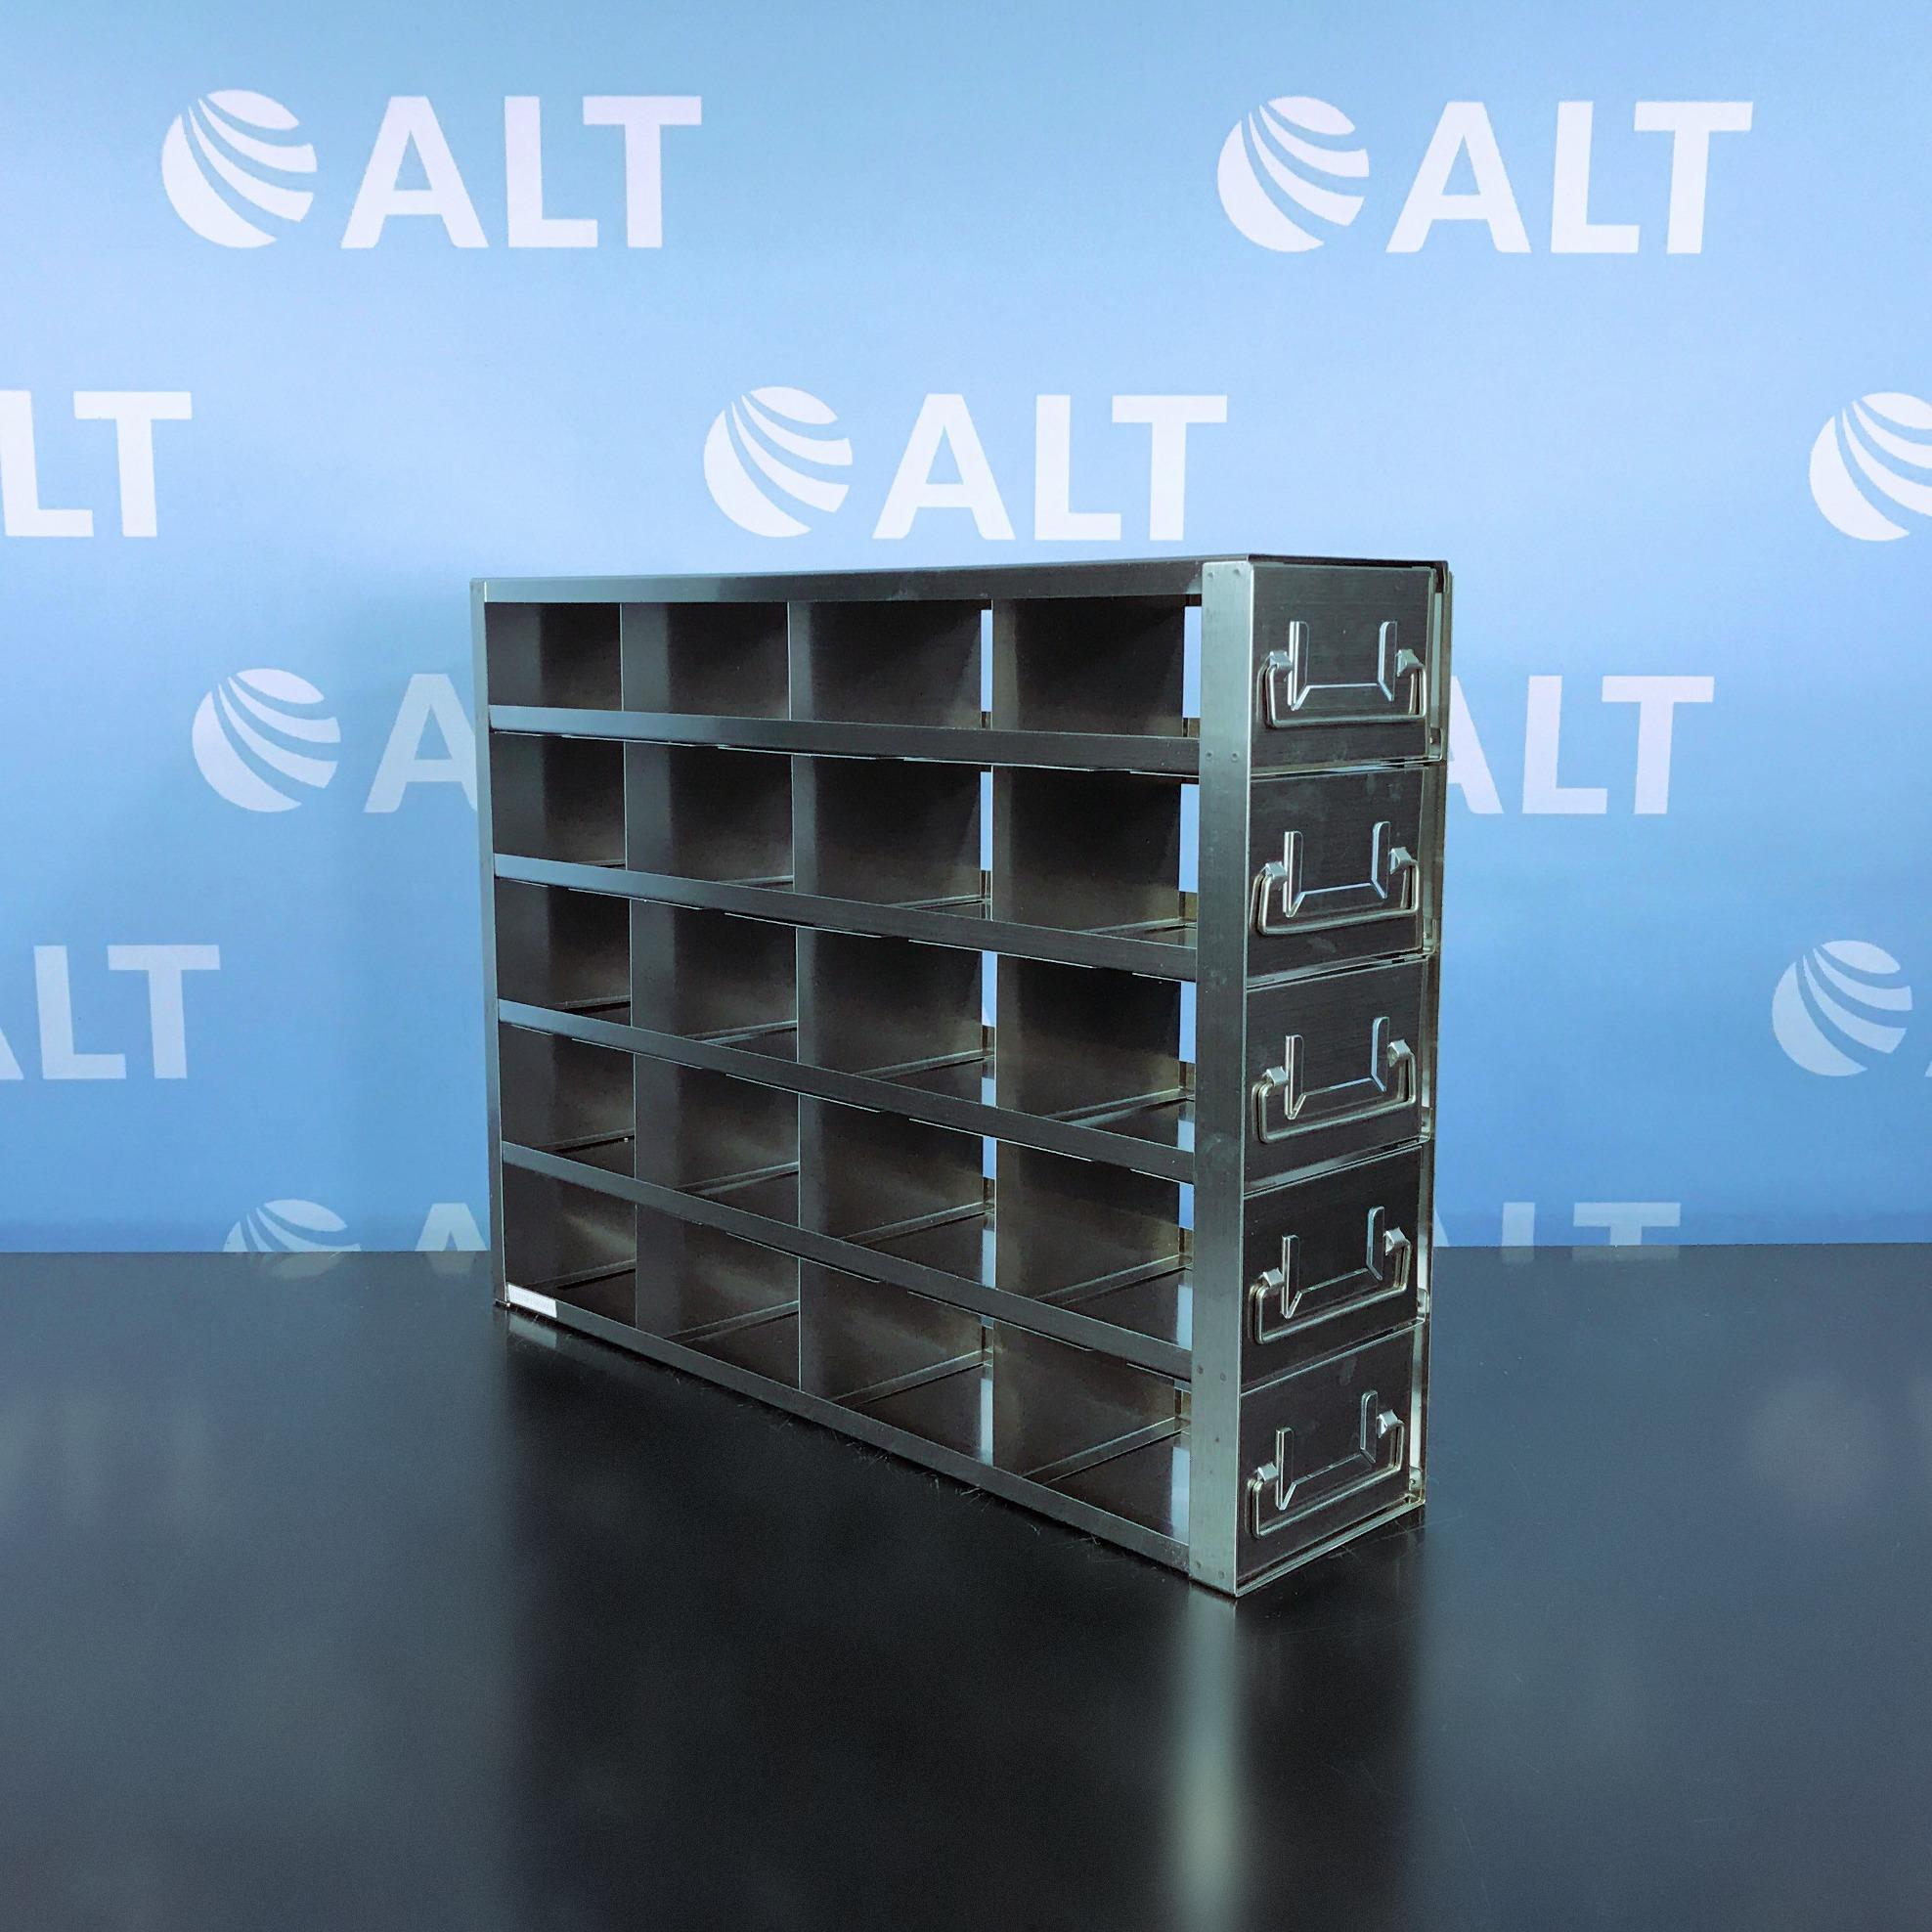 LABRepCo UFD-453 Upright Freezer Drawer Racks for Standard 3